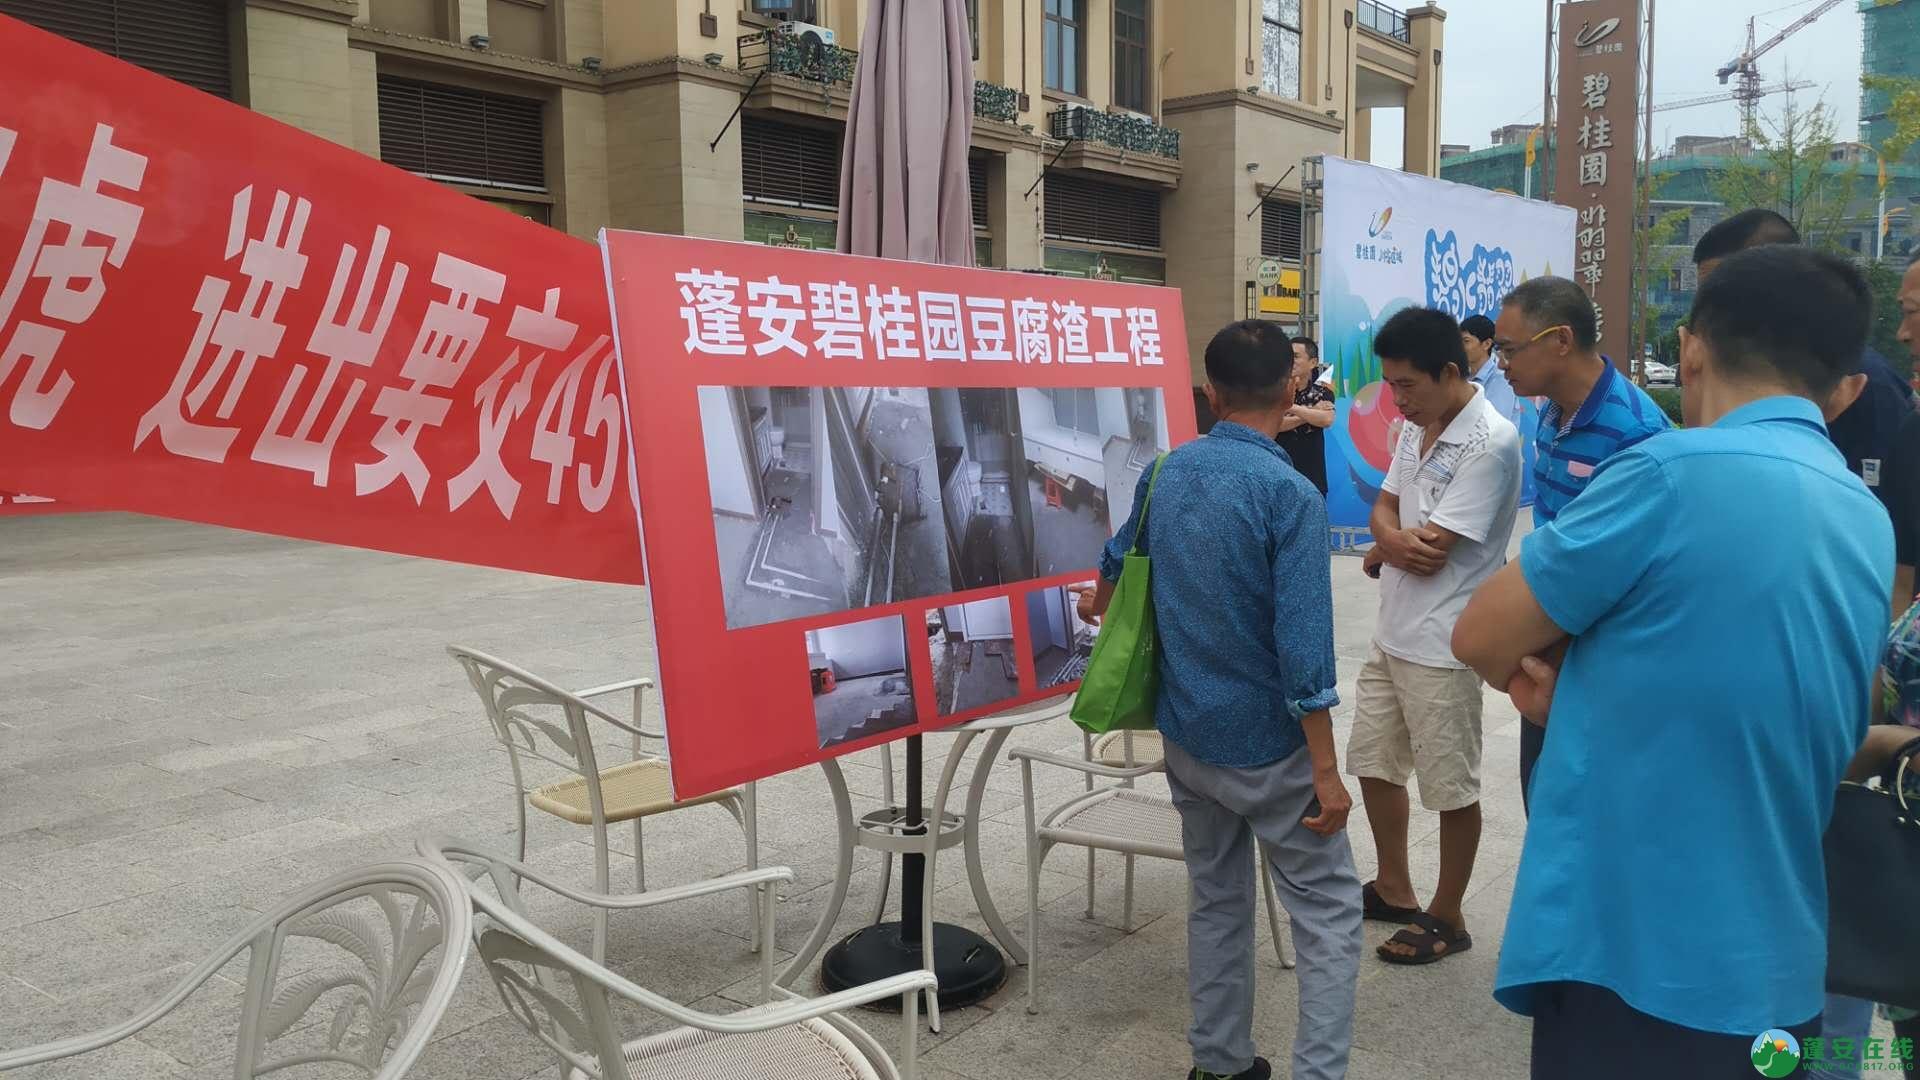 蓬安碧桂园业主因物业收费和房屋出现质量问题引发集体维权 - 第1张  | 蓬安在线